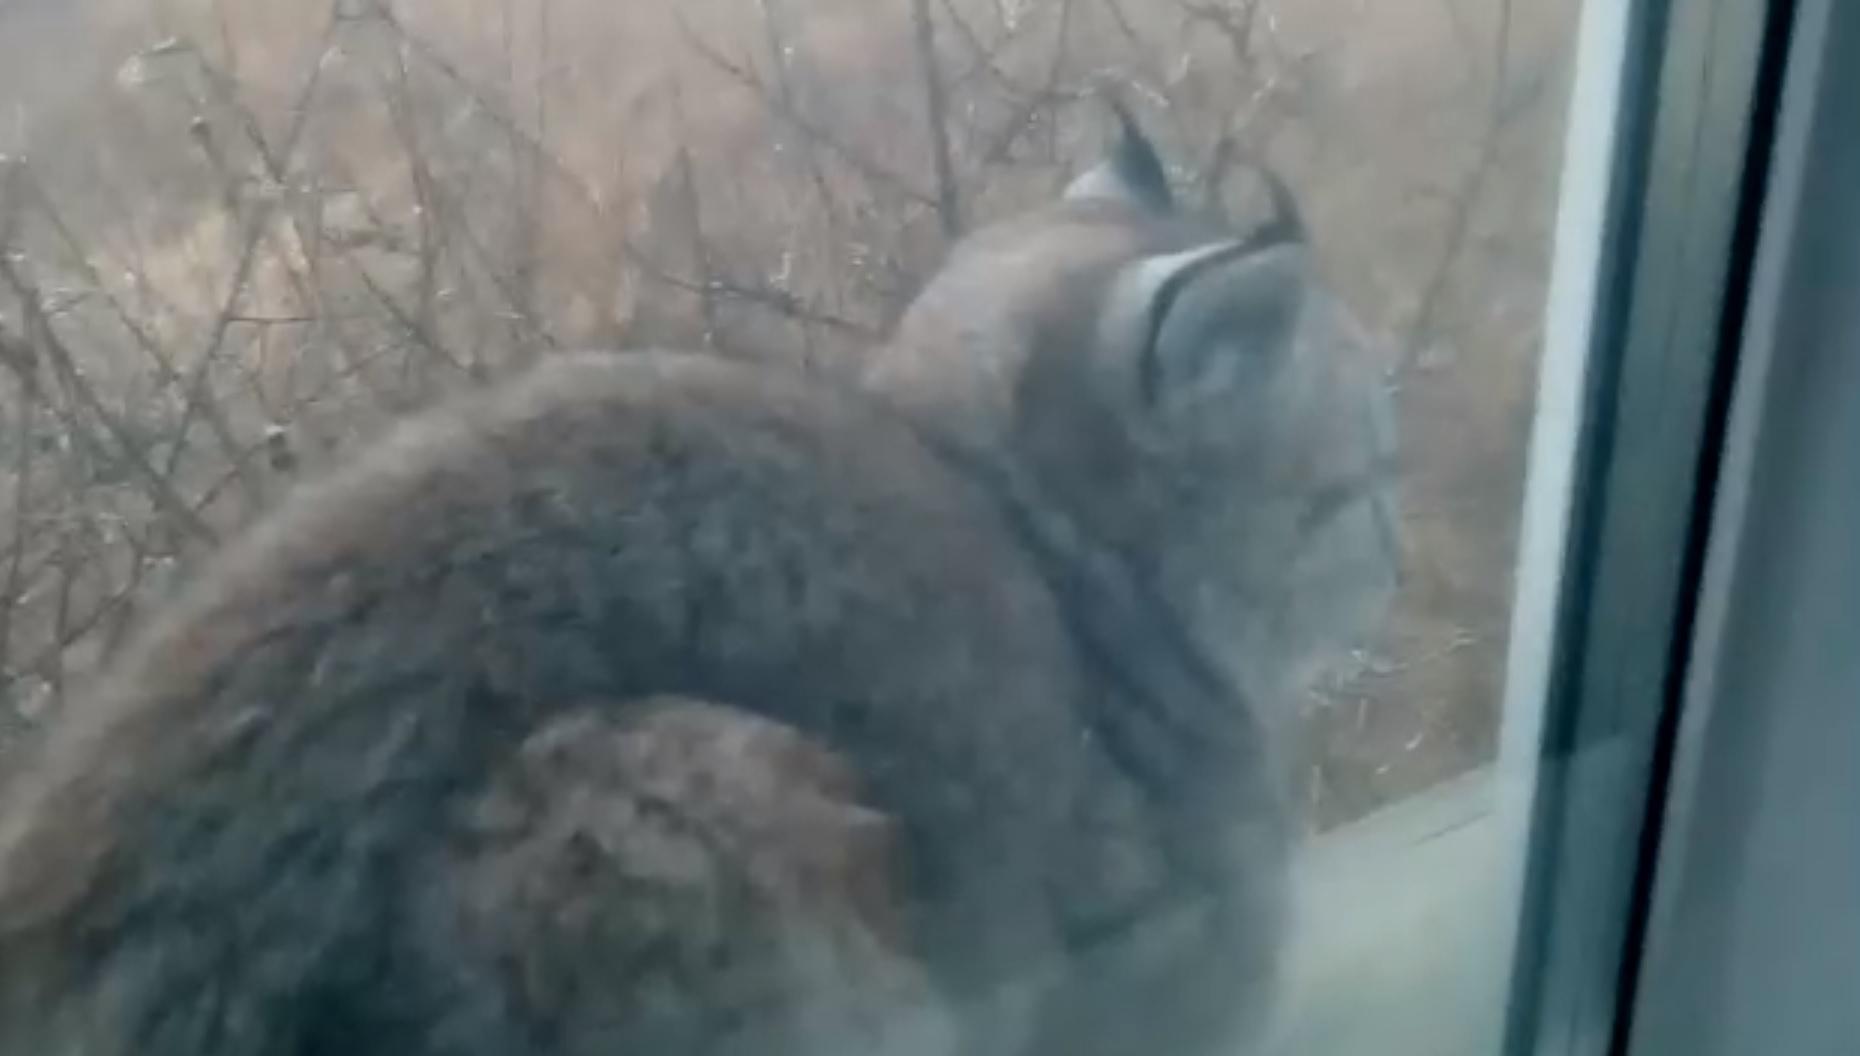 Забайкалец заснял на видео рысь, которая сидела у него на подоконнике (видео)